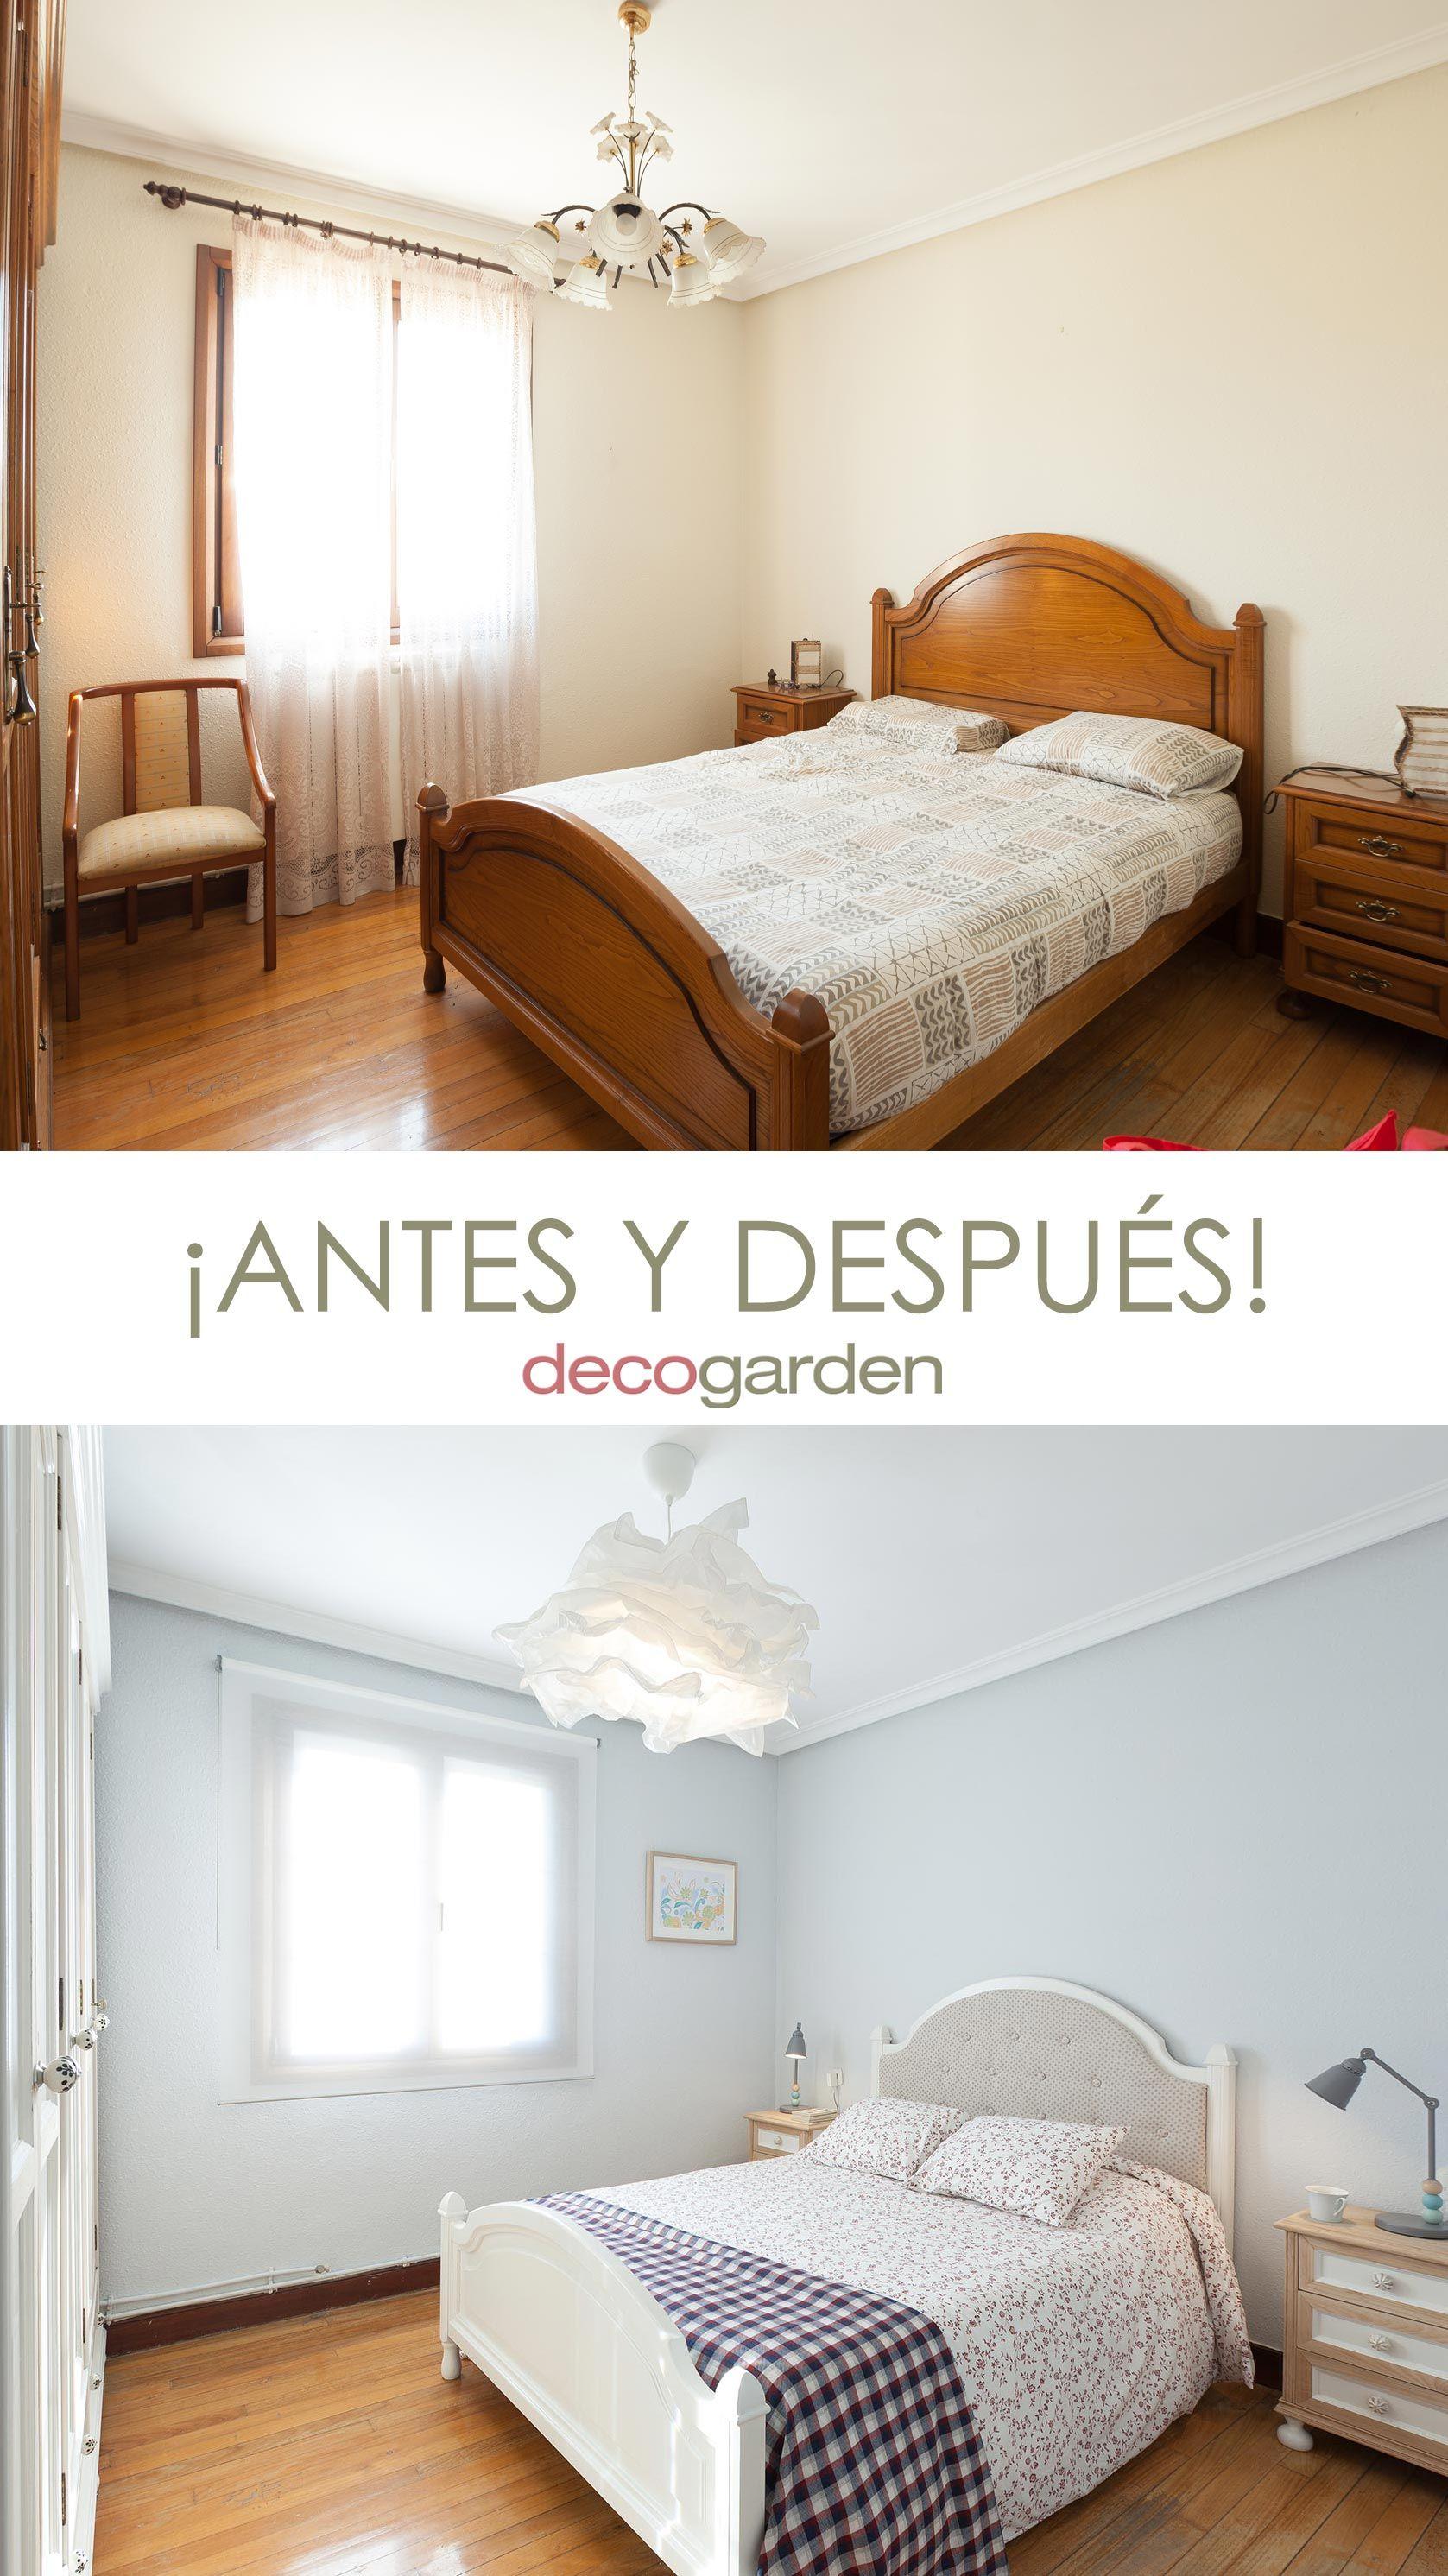 dormitorio luminoso y romántico con muebles reciclados